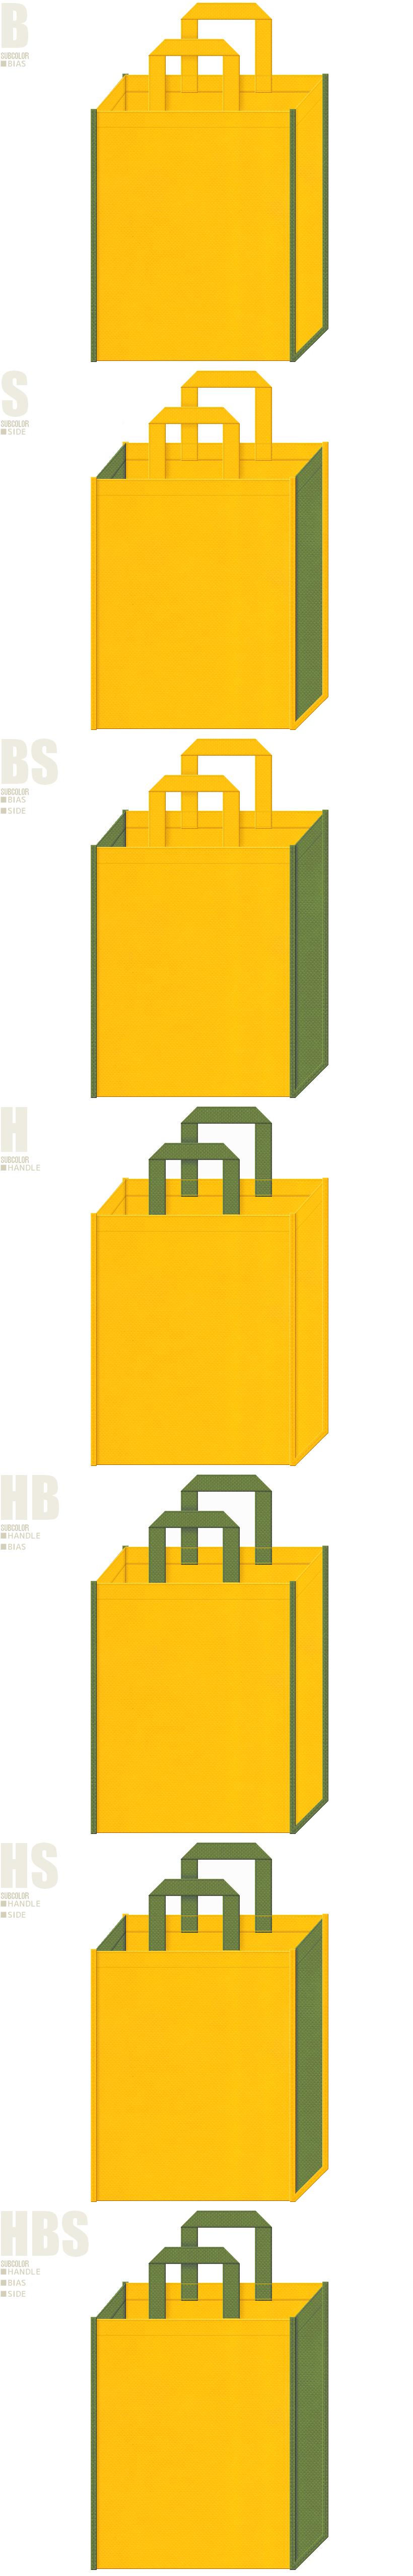 栗抹茶・スイーツ・和菓子のショッピングバッグにお奨めの不織布バッグデザイン:黄色と草色の配色7パターン